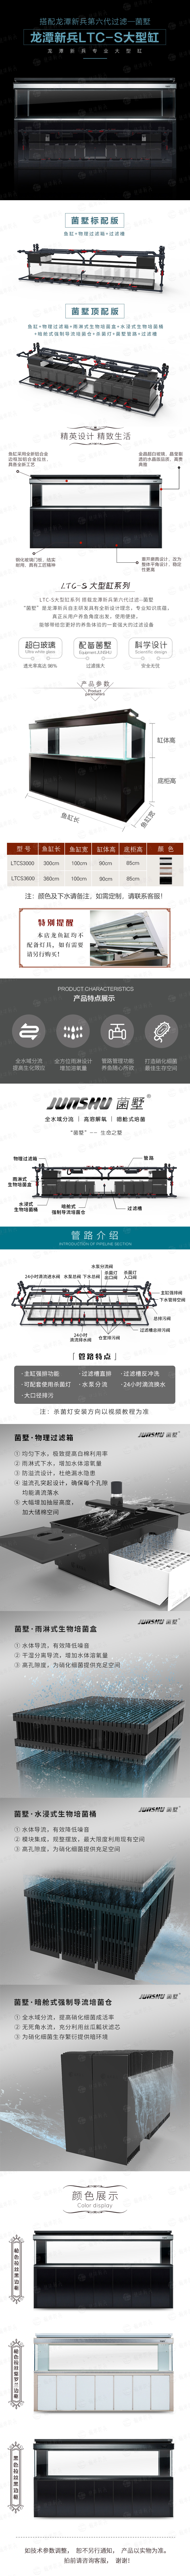 龙潭新兵LTC-S大型缸.jpg